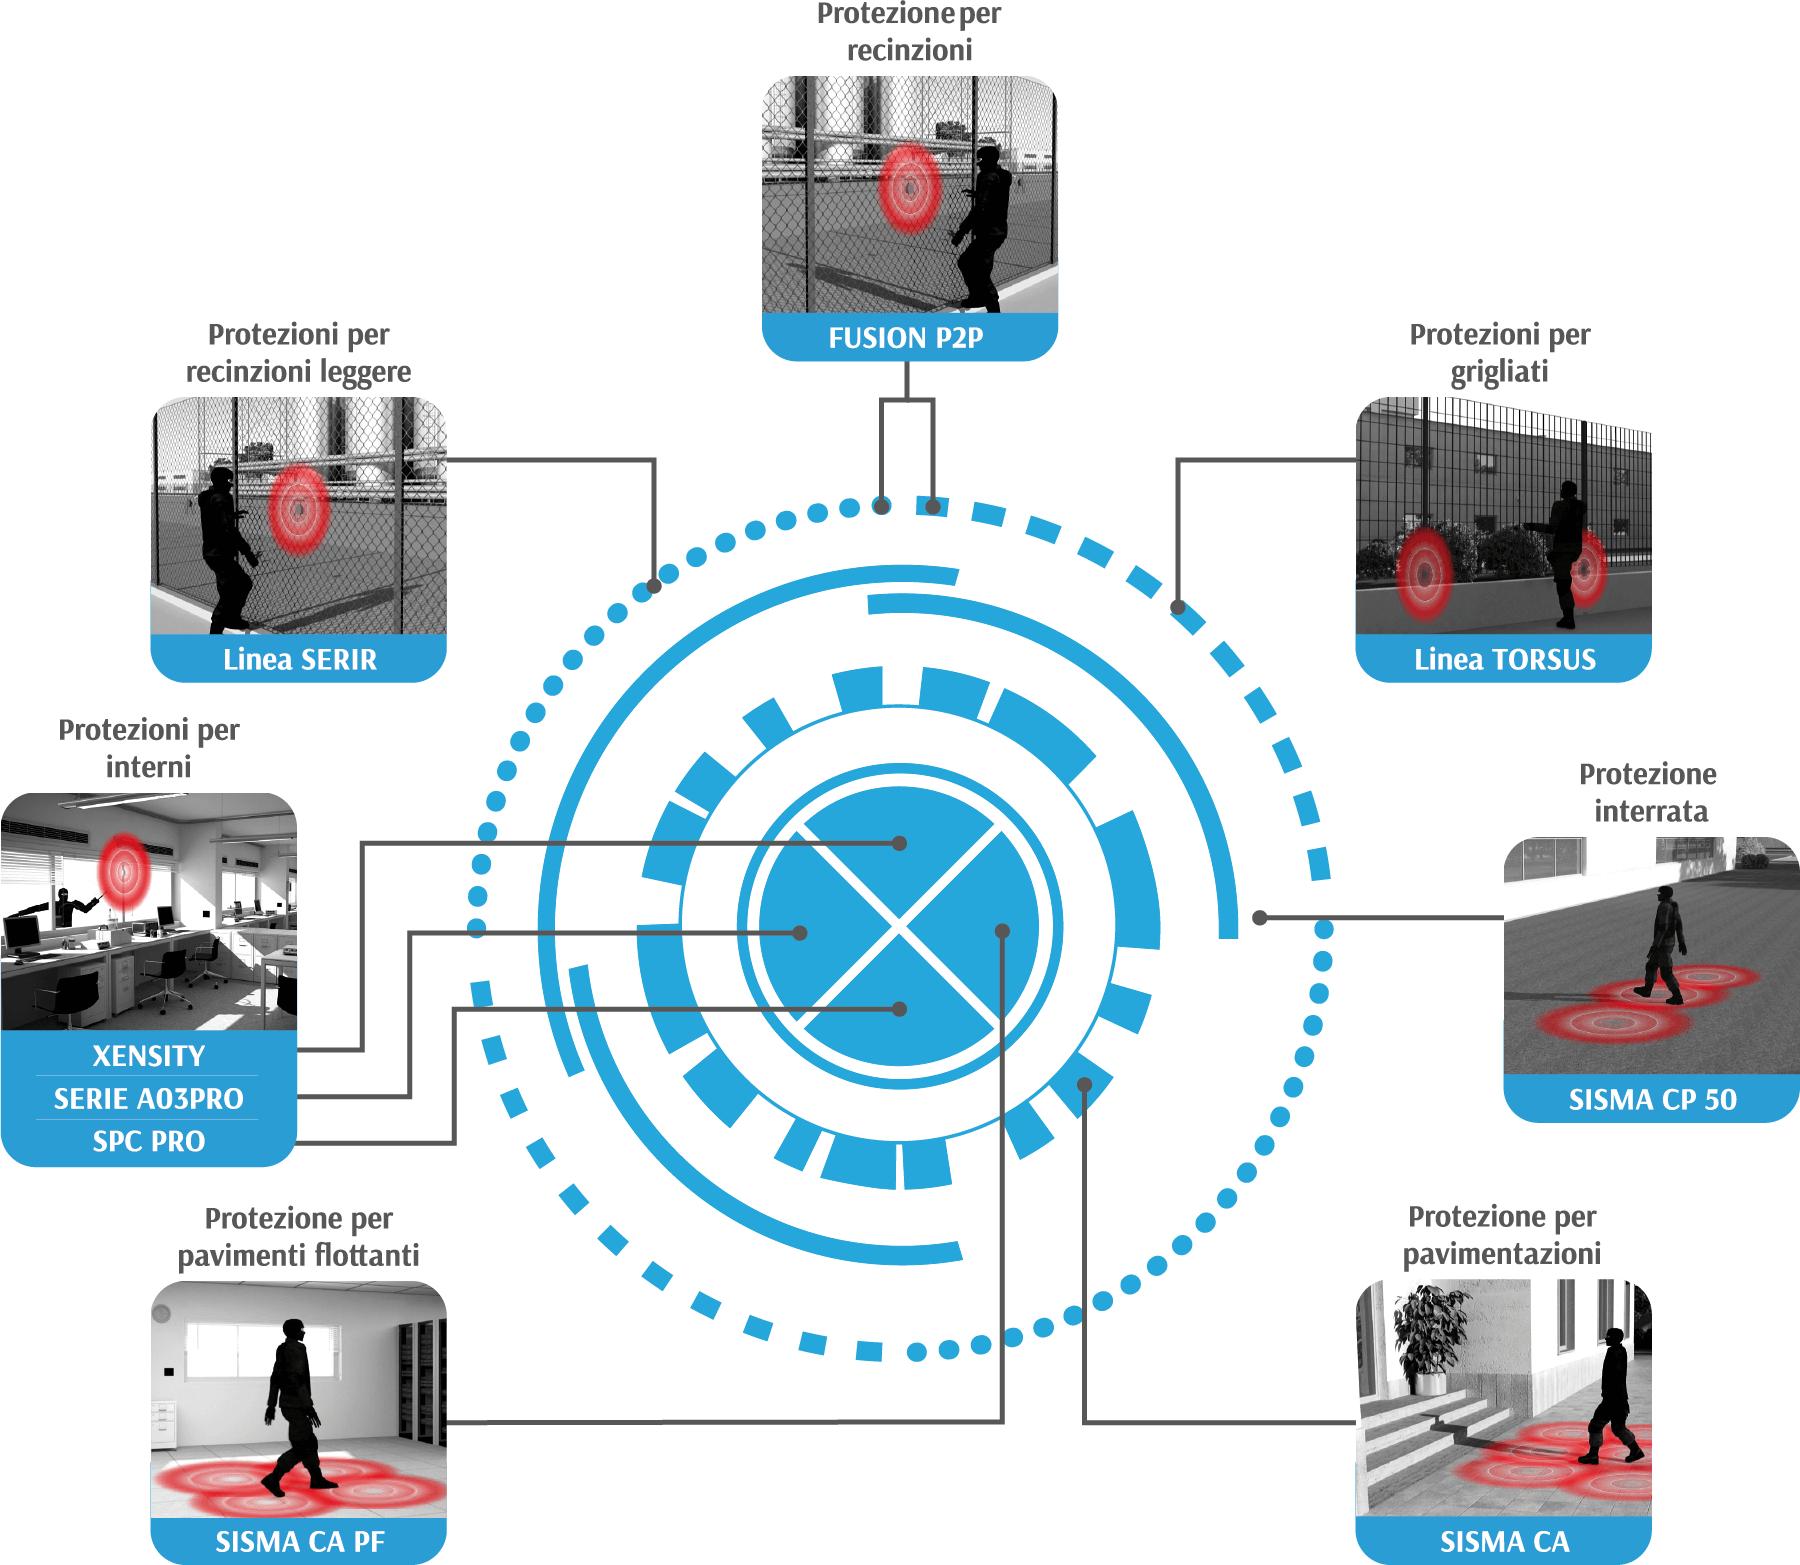 Sistemi di rivelazione antintrusione perimetrali DEA Security